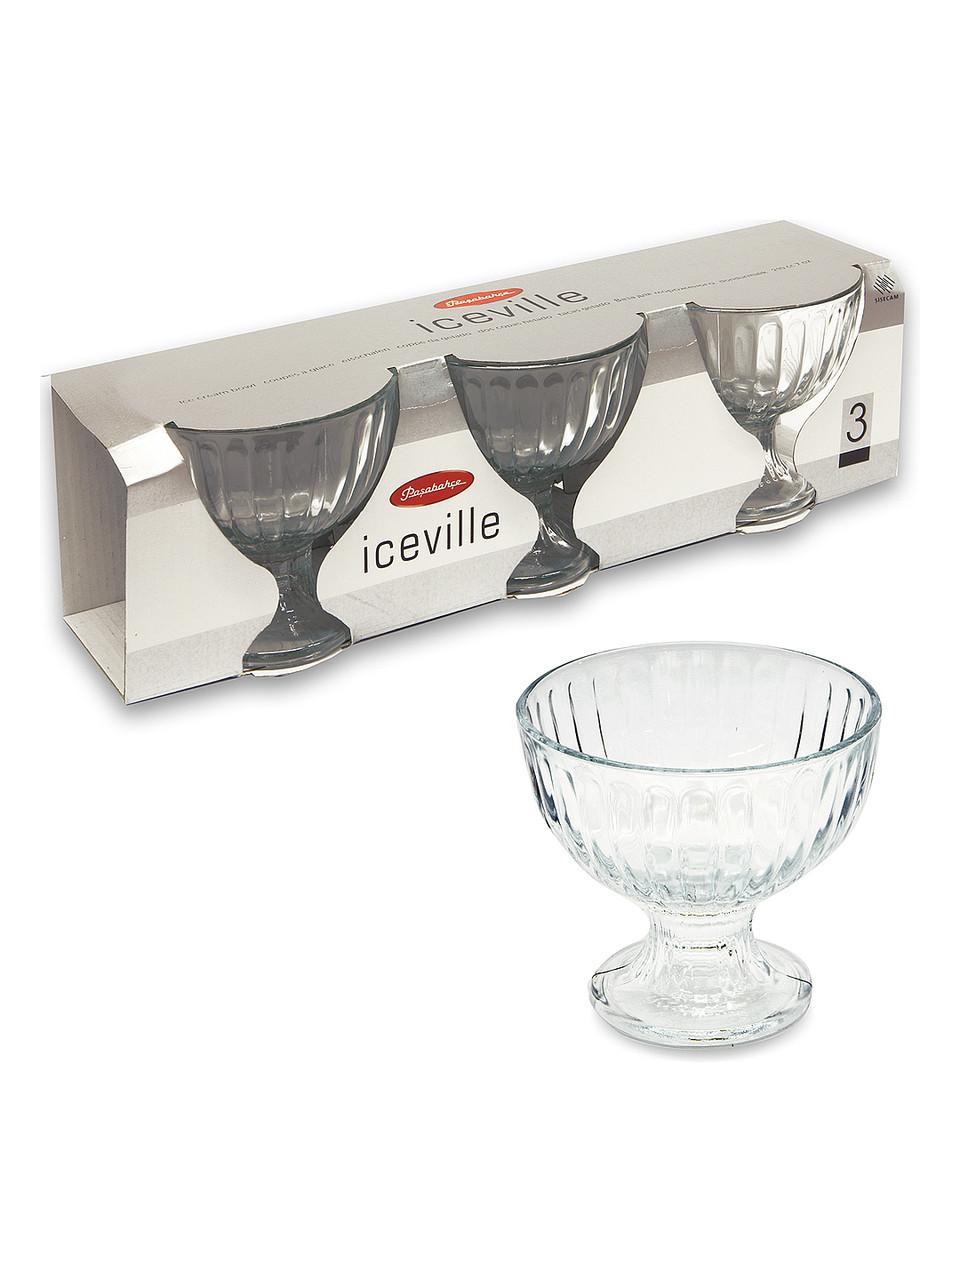 Набор креманок -3шт Ice Ville  Pasabahce  51018